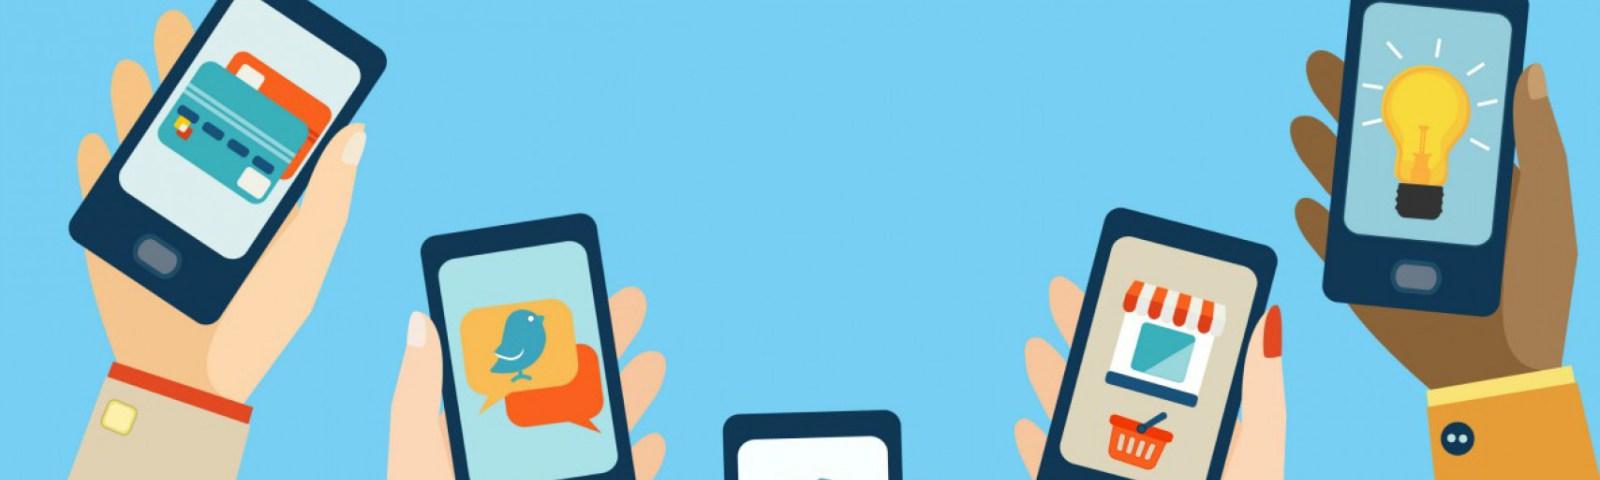 Estas apps vão tornar o seu negócio em franchising mais produtivo